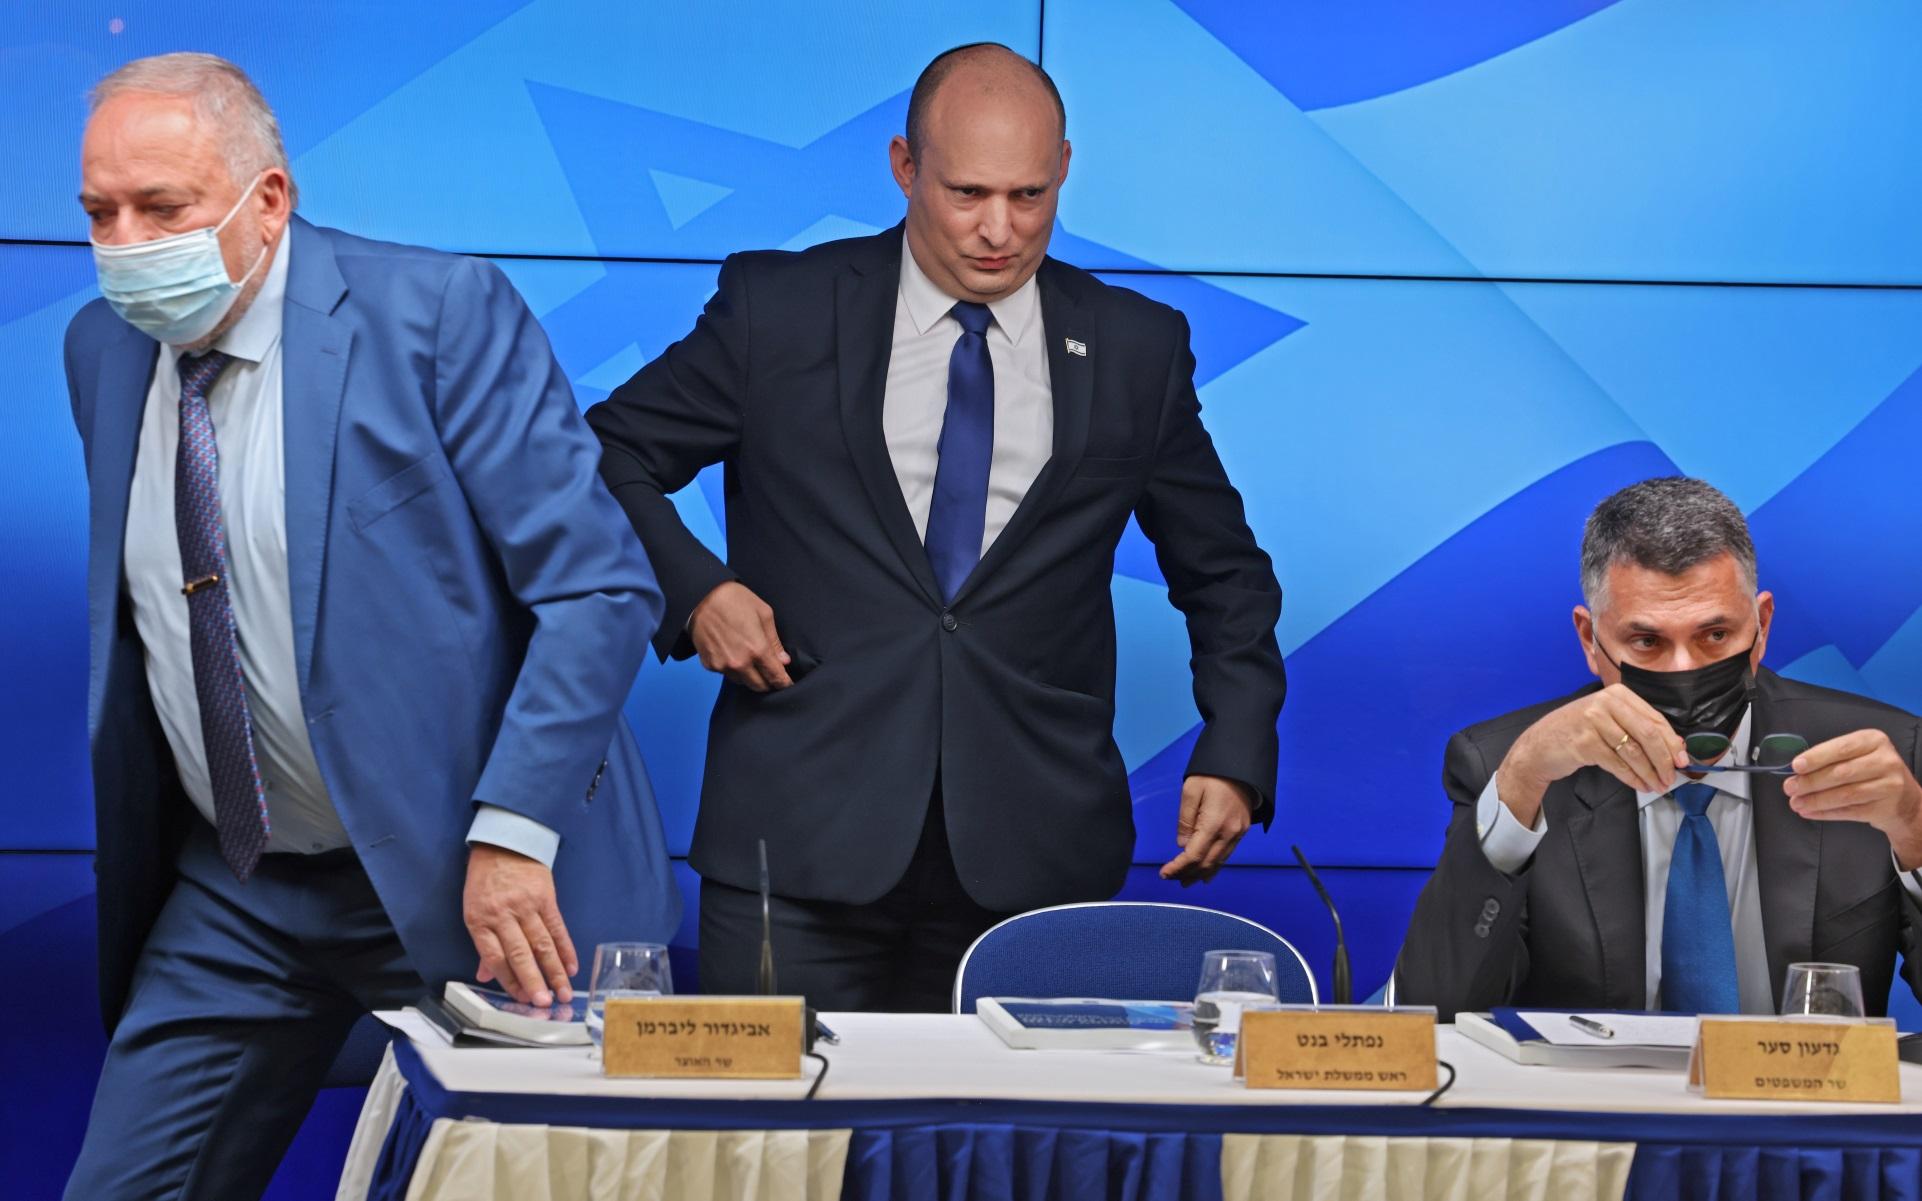 Ισραήλ: Πρώτη ήττα της νέας κυβέρνησης σε ψηφοφορία στη Βουλή